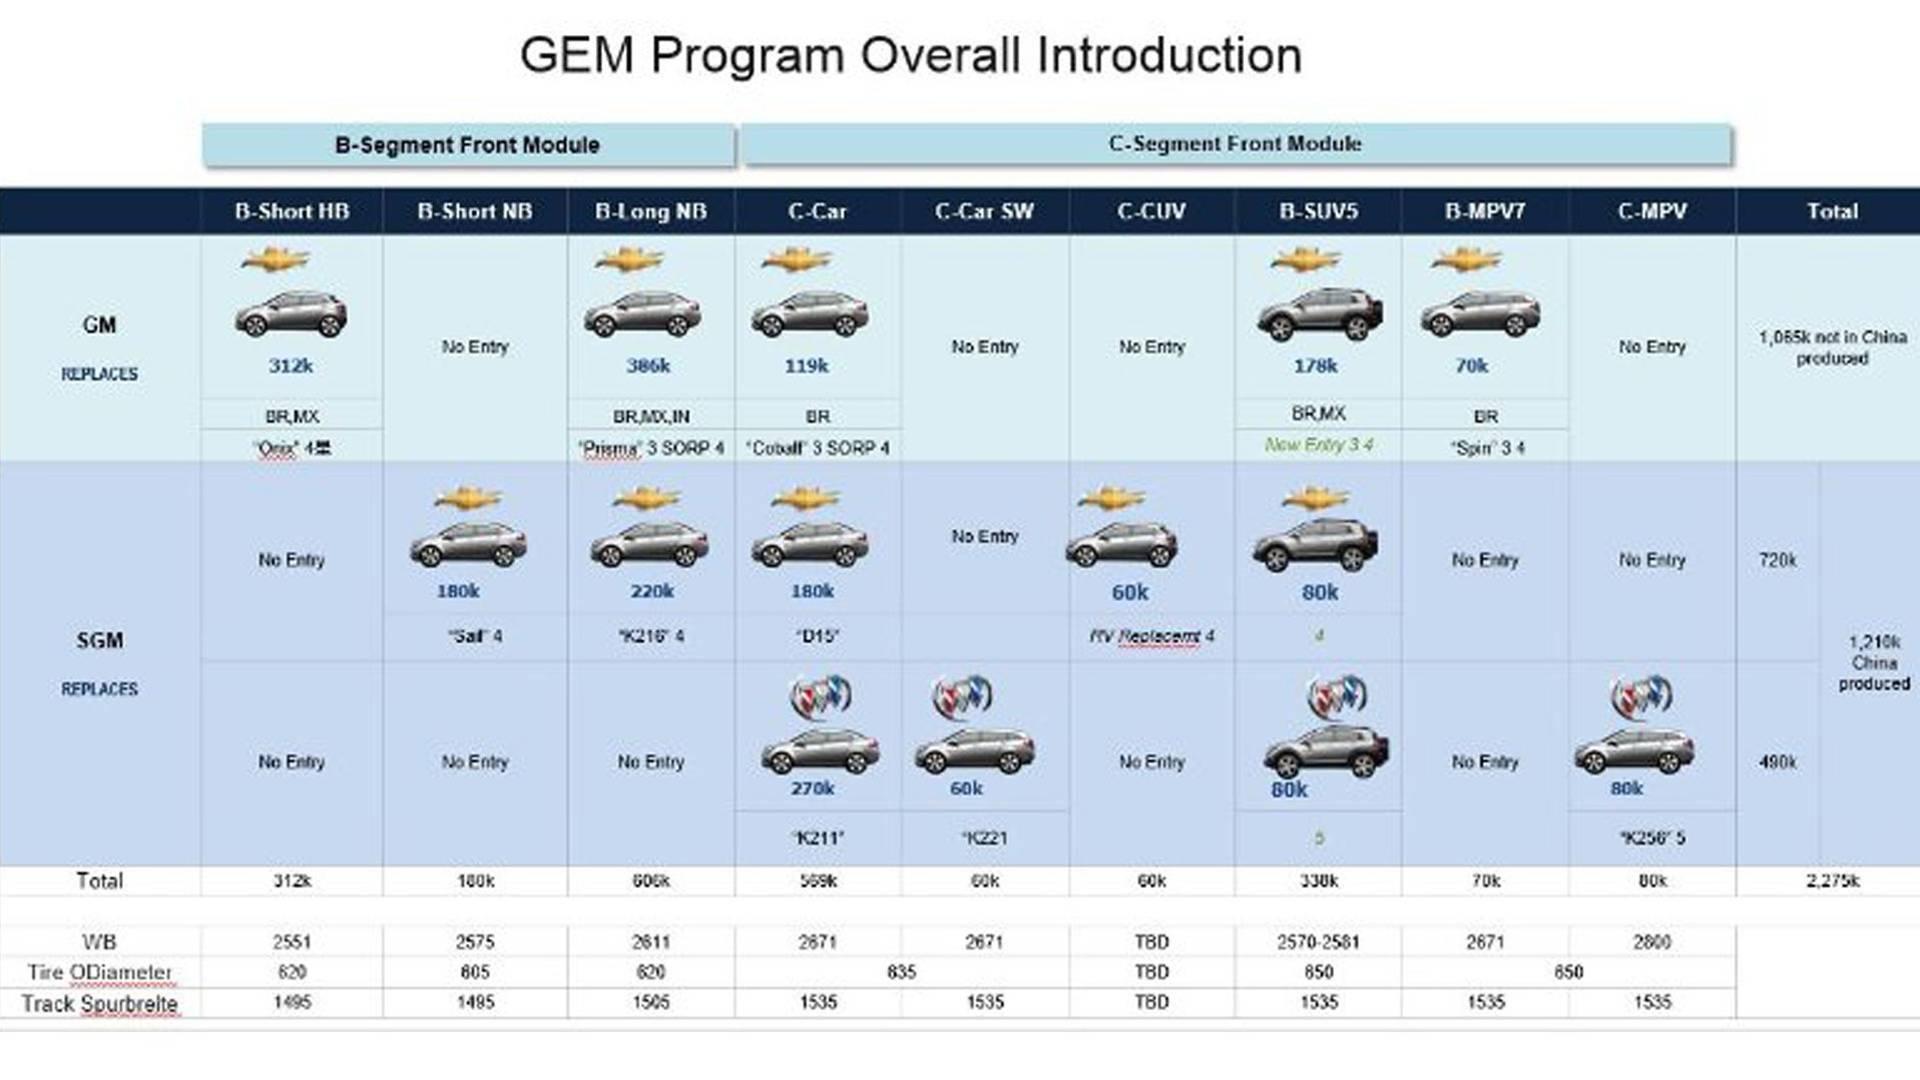 GEM Program